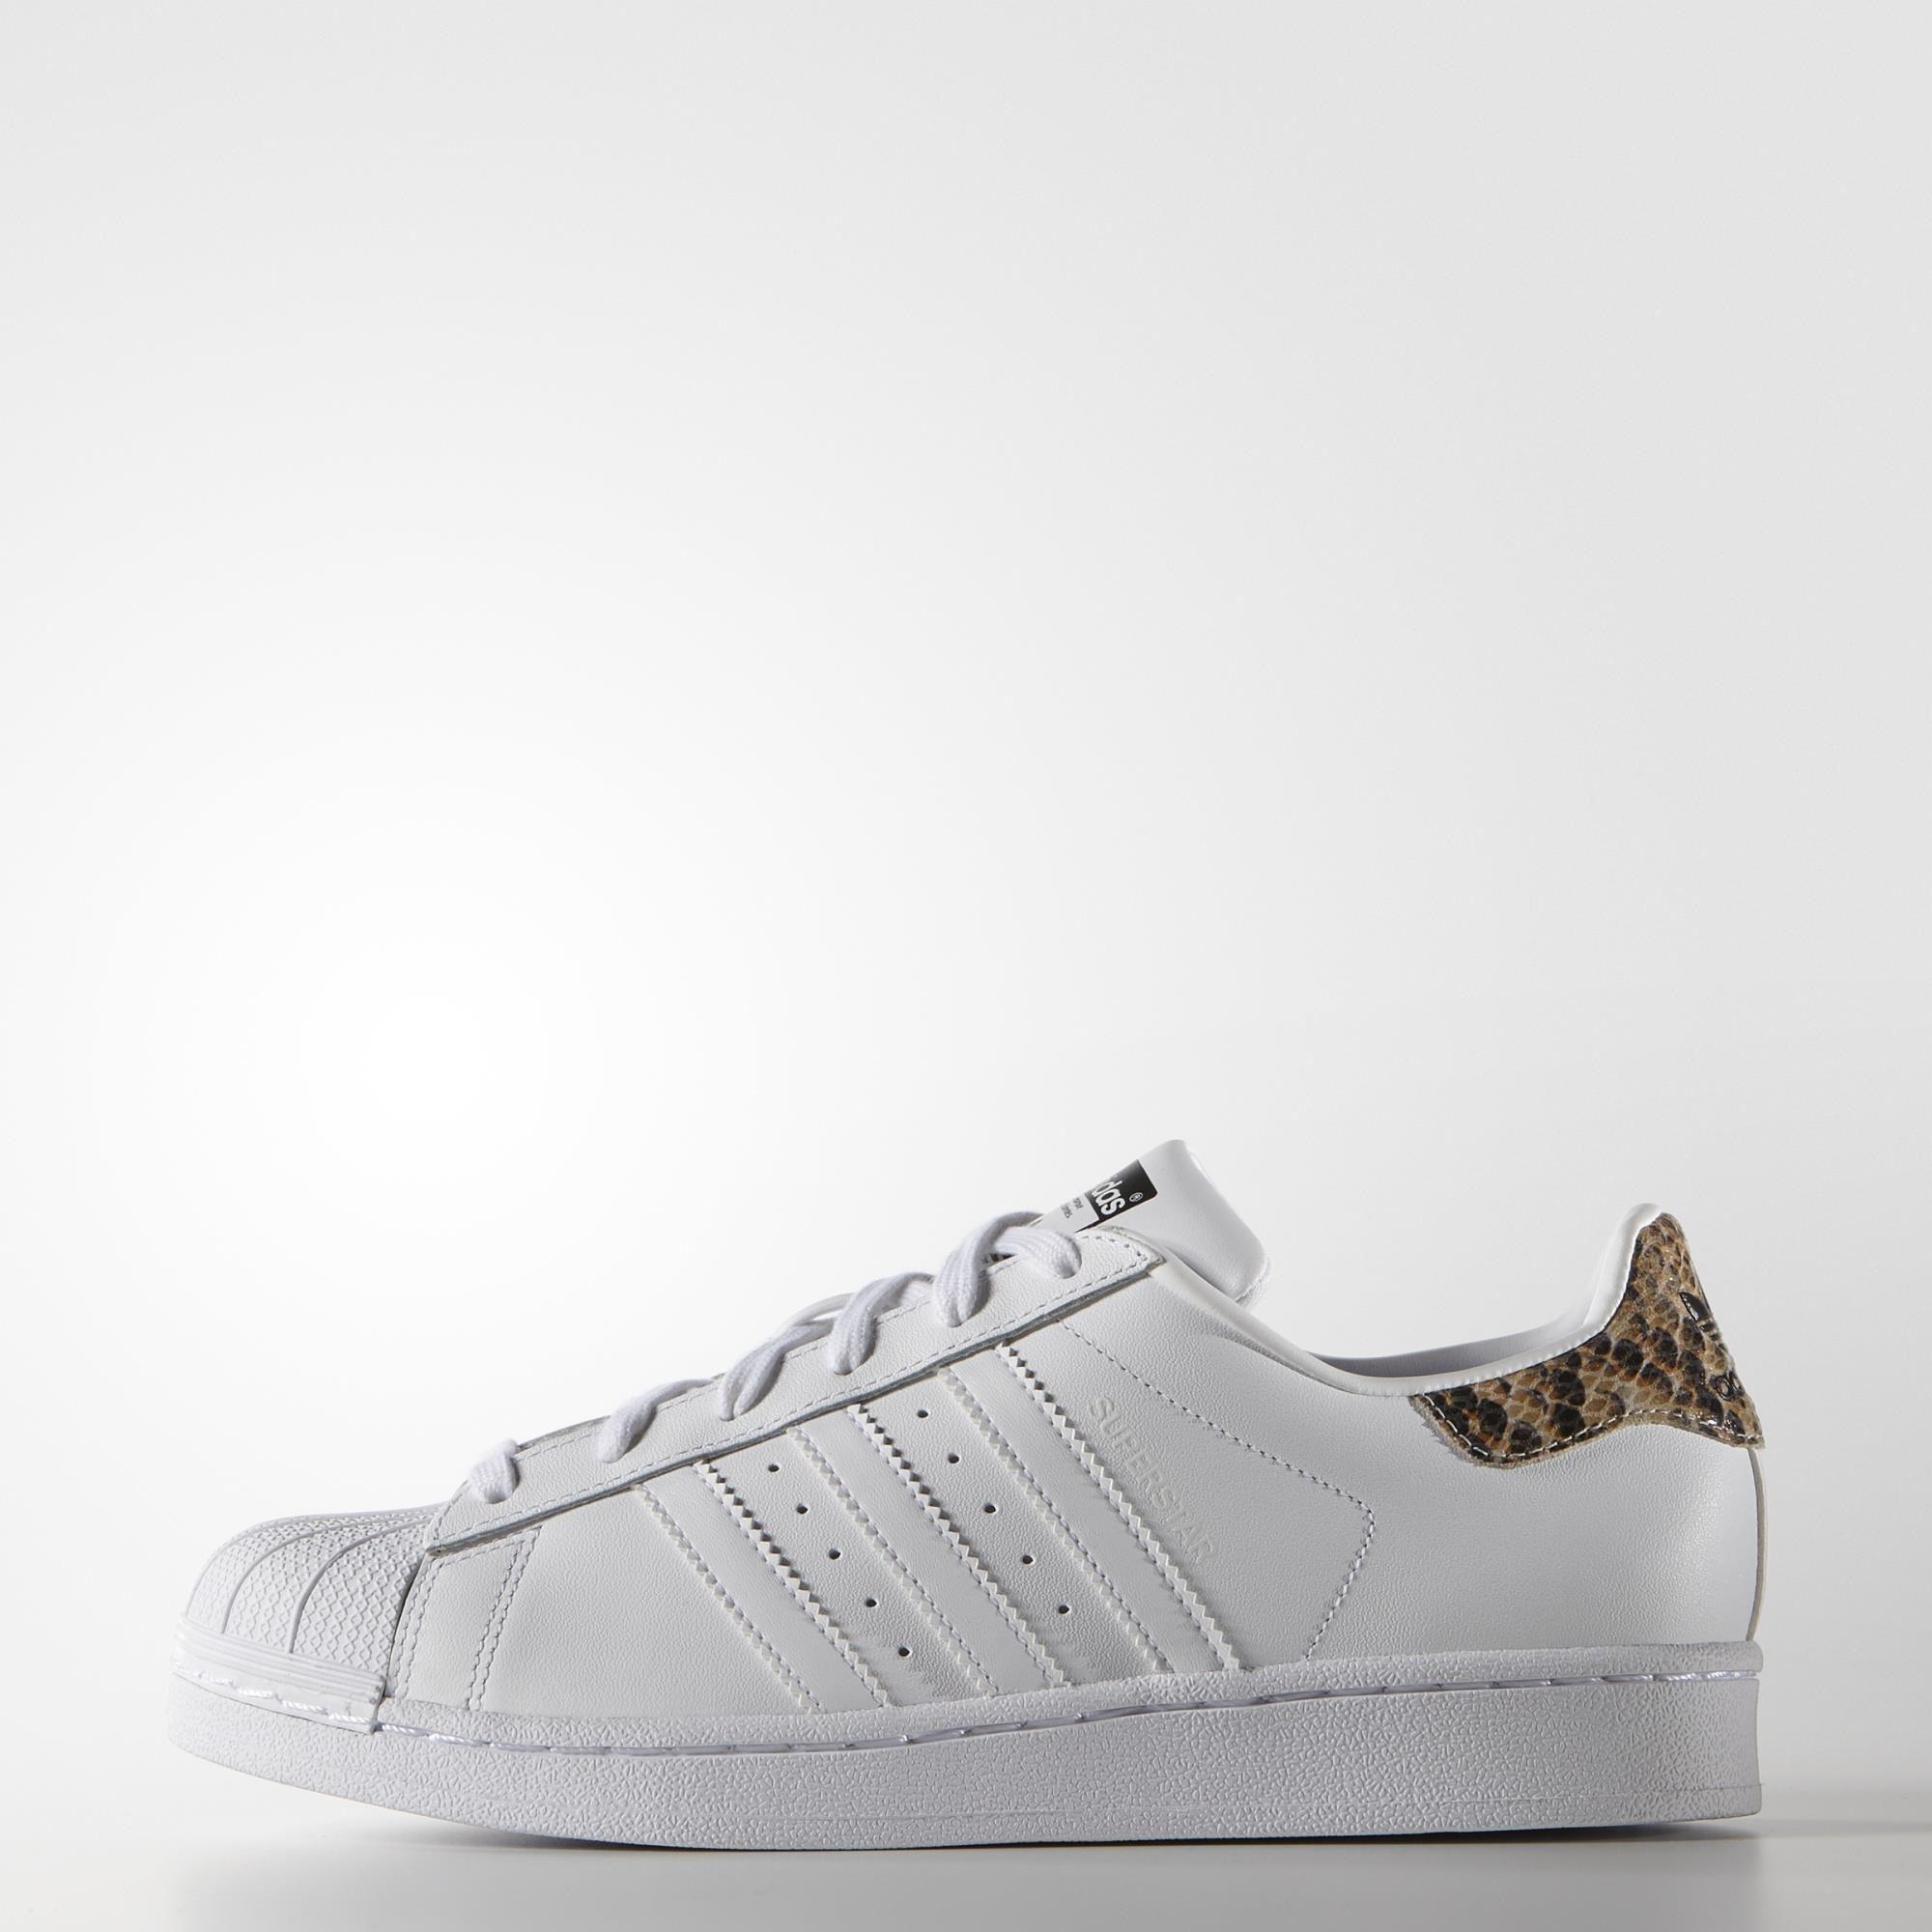 Lançado em 1970, o adidas Superstar foi o primeiro calçado de cano baixo  para basquete